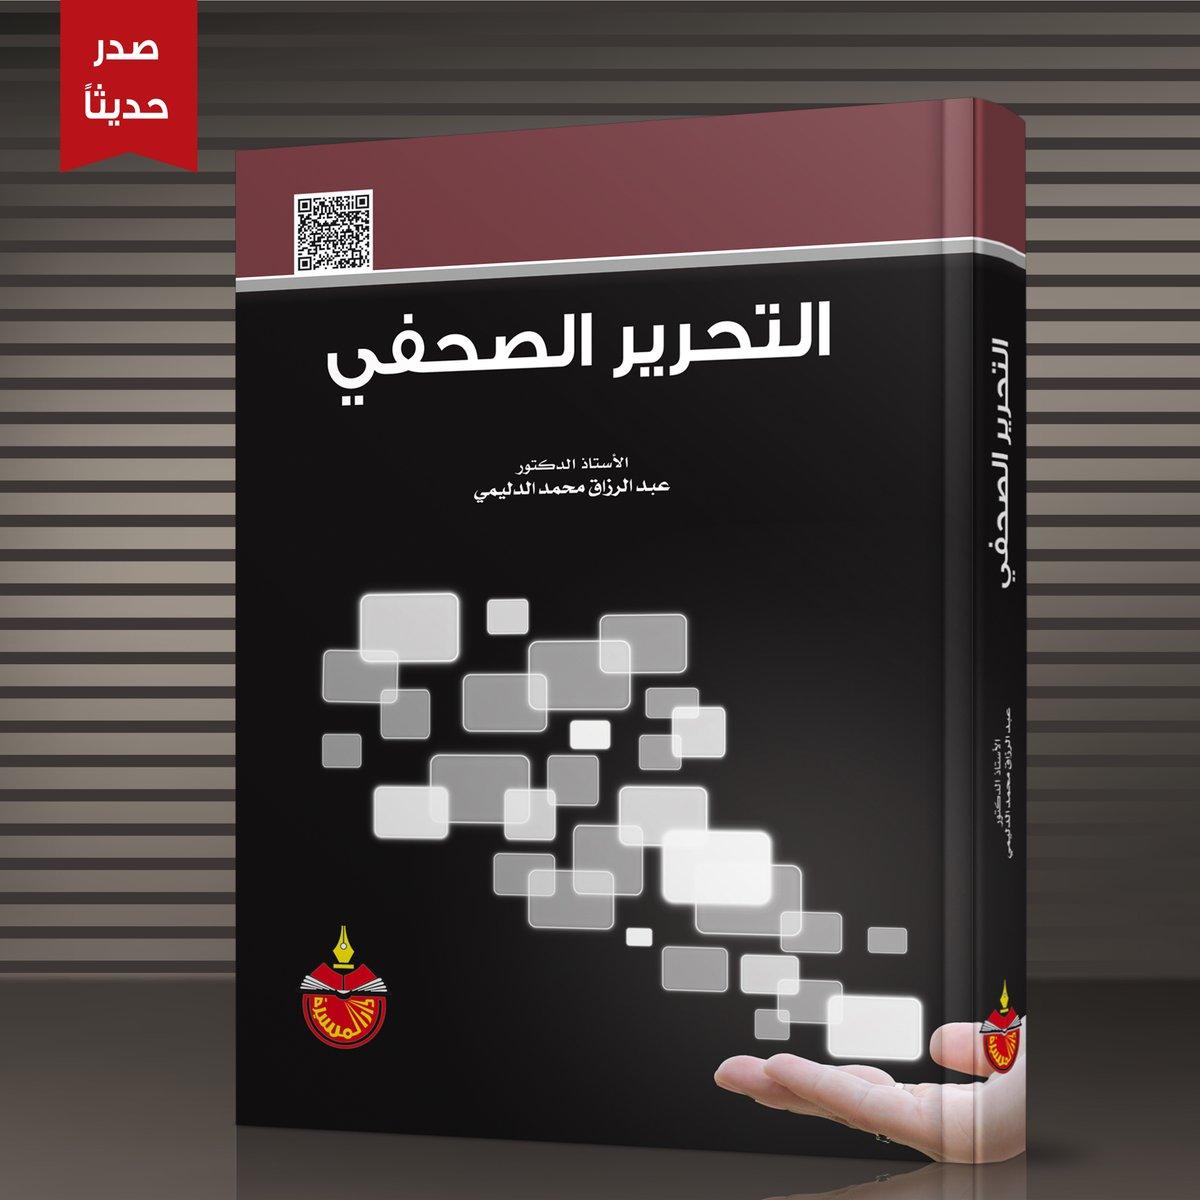 تحميل كتاب تعليم التفكير النظرية والتطبيق pdf